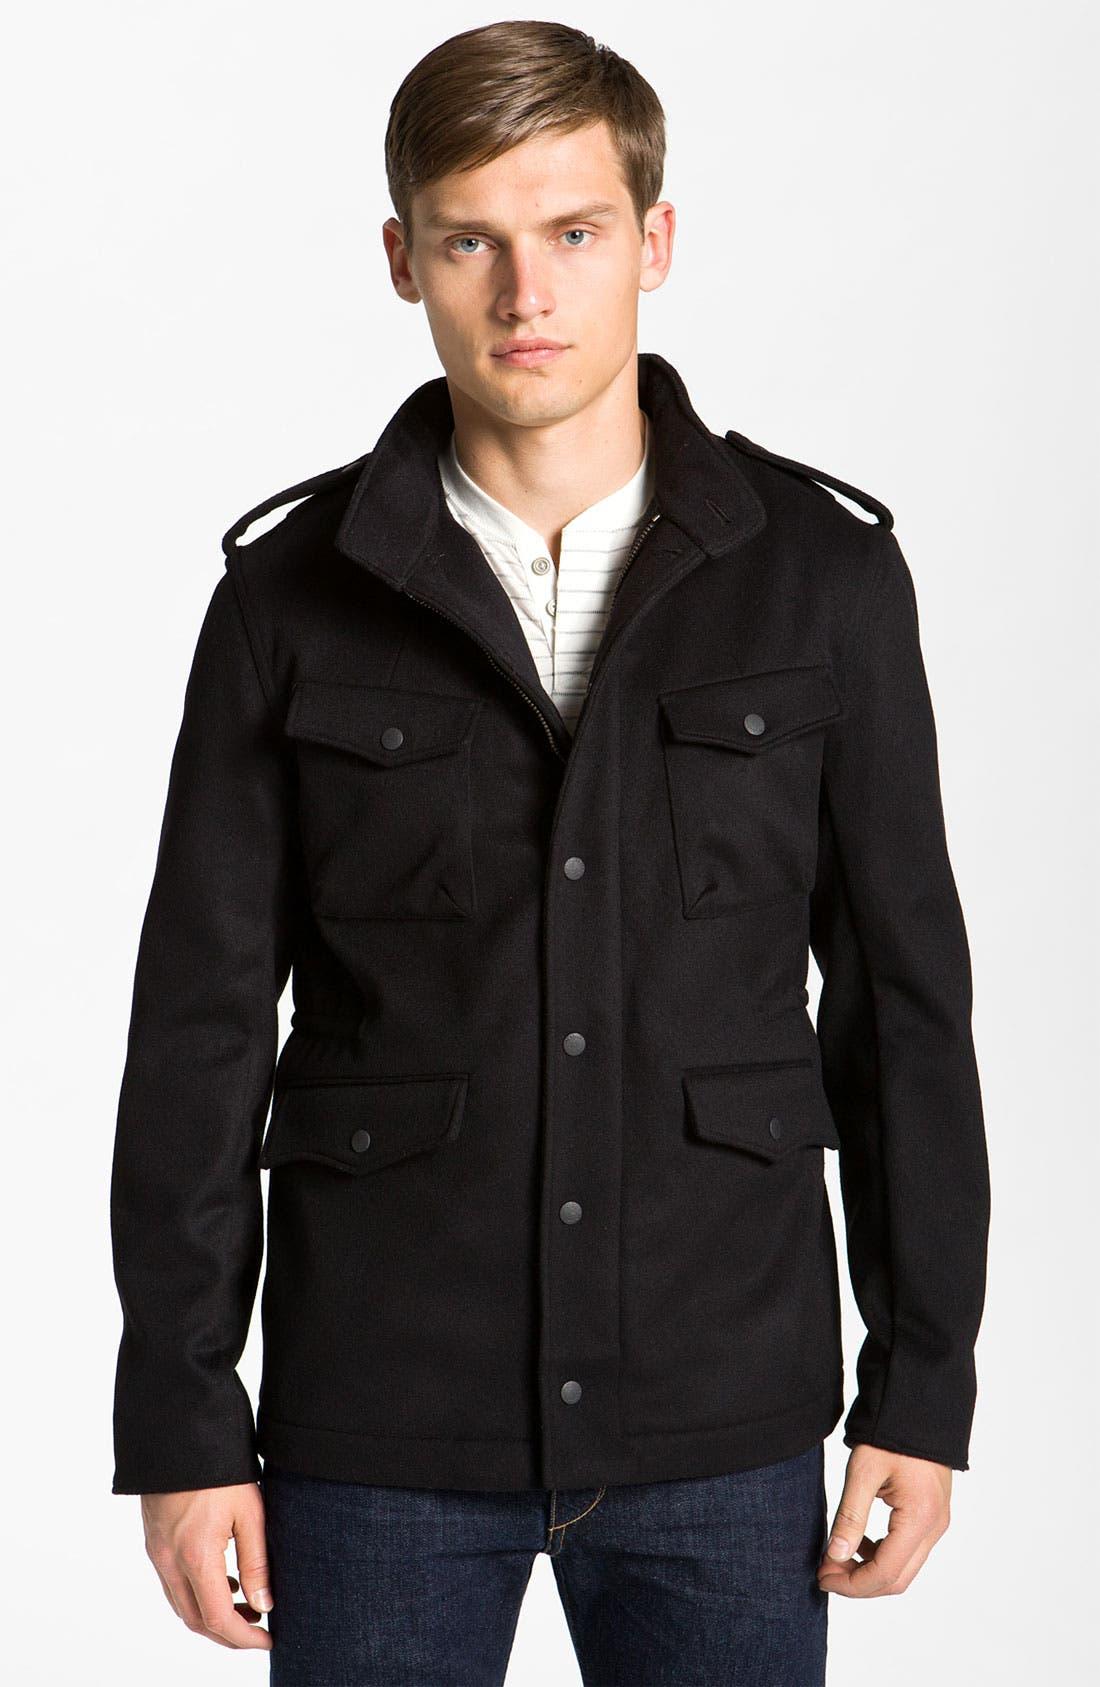 Main Image - rag & bone 'Hastings' Wool Military Jacket